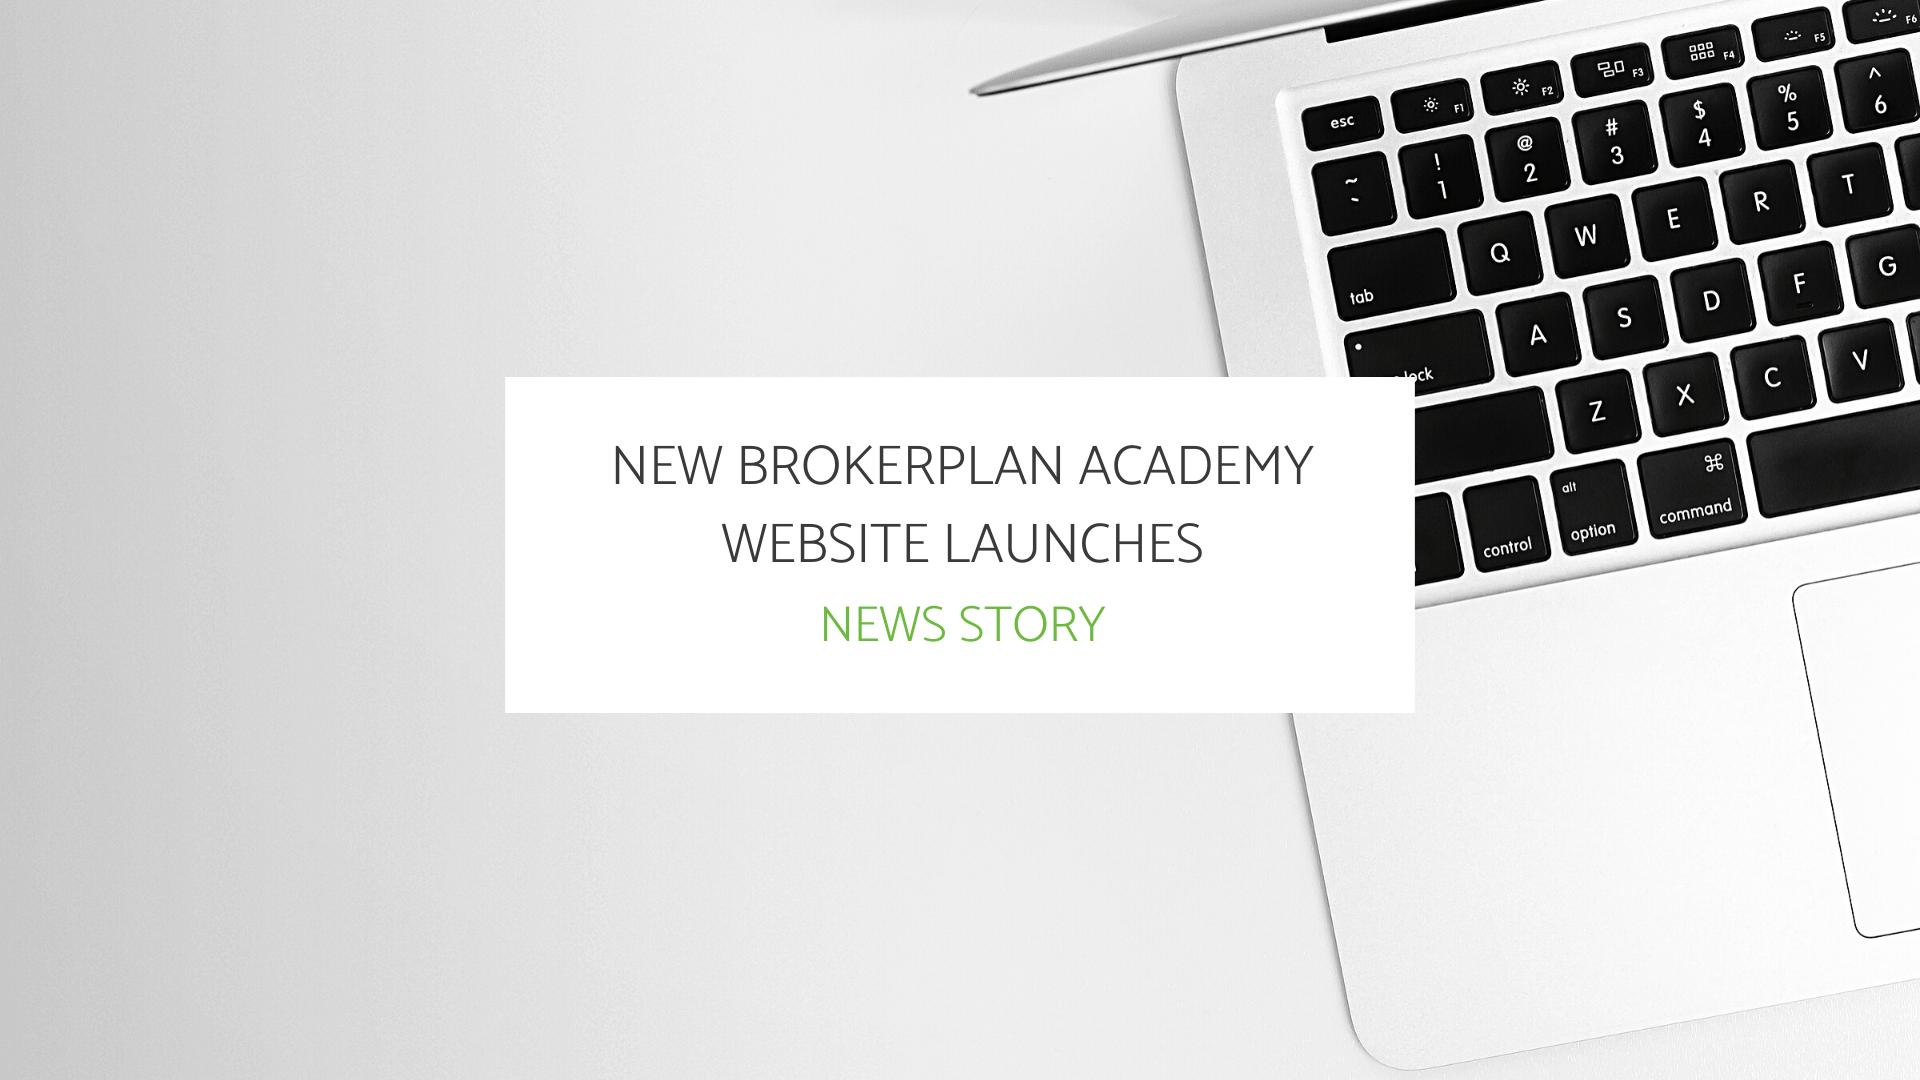 Brokerplan News